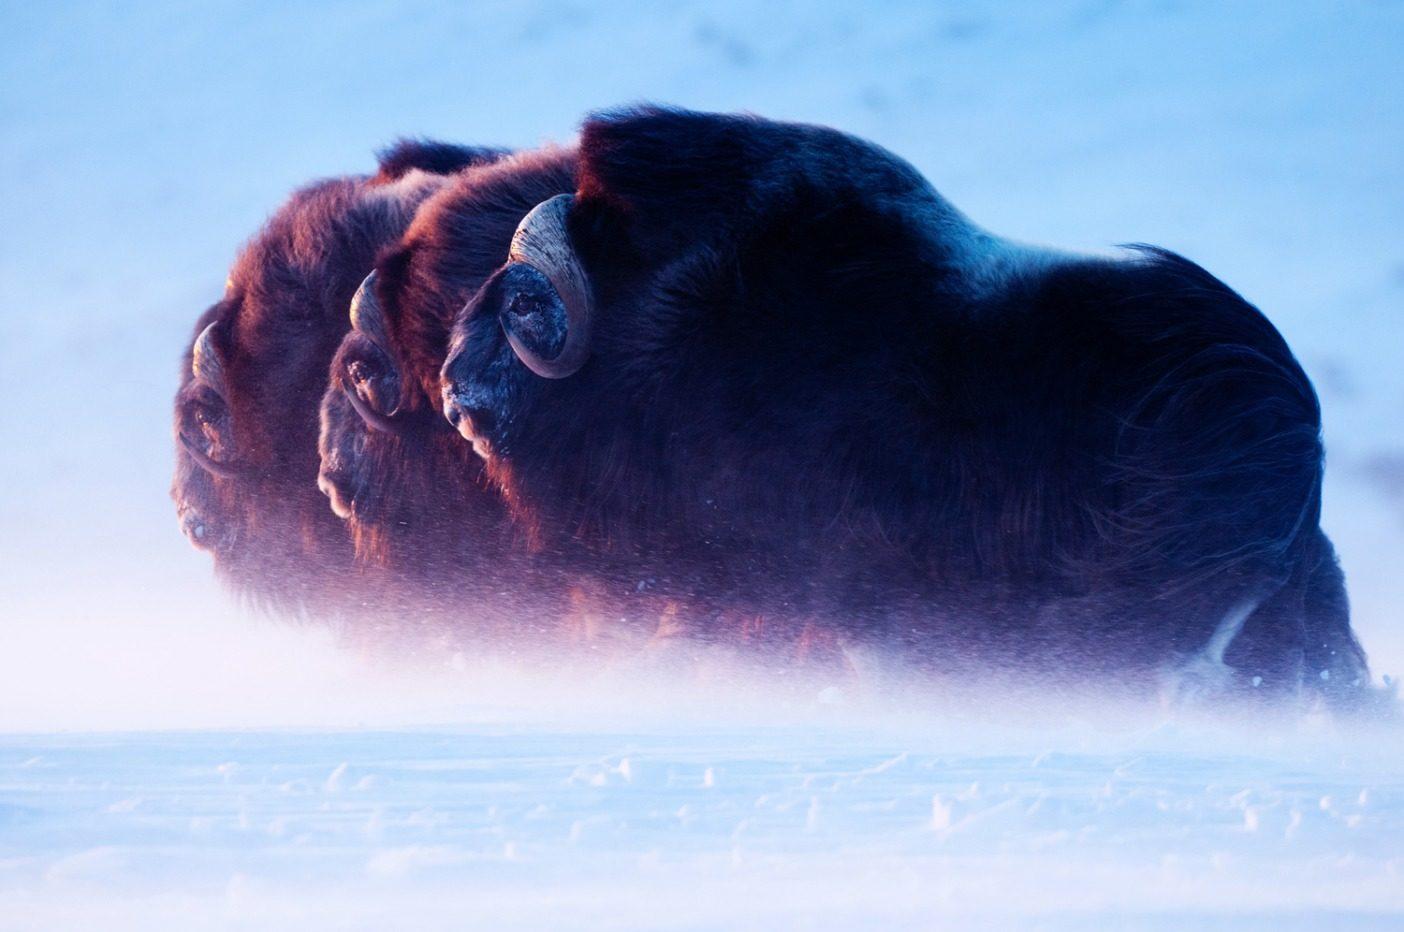 嵐のなかを日の沈む方向へと押し進んでいく3頭のジャコウウシ。僕は凍死しそうに凍えているが、北極圏に住む彼らのような動物にとっては日常の一幕に過ぎない。彼らの毛皮の保温性は最も温かい羊毛の7倍もある。Photo: Florian Schulz